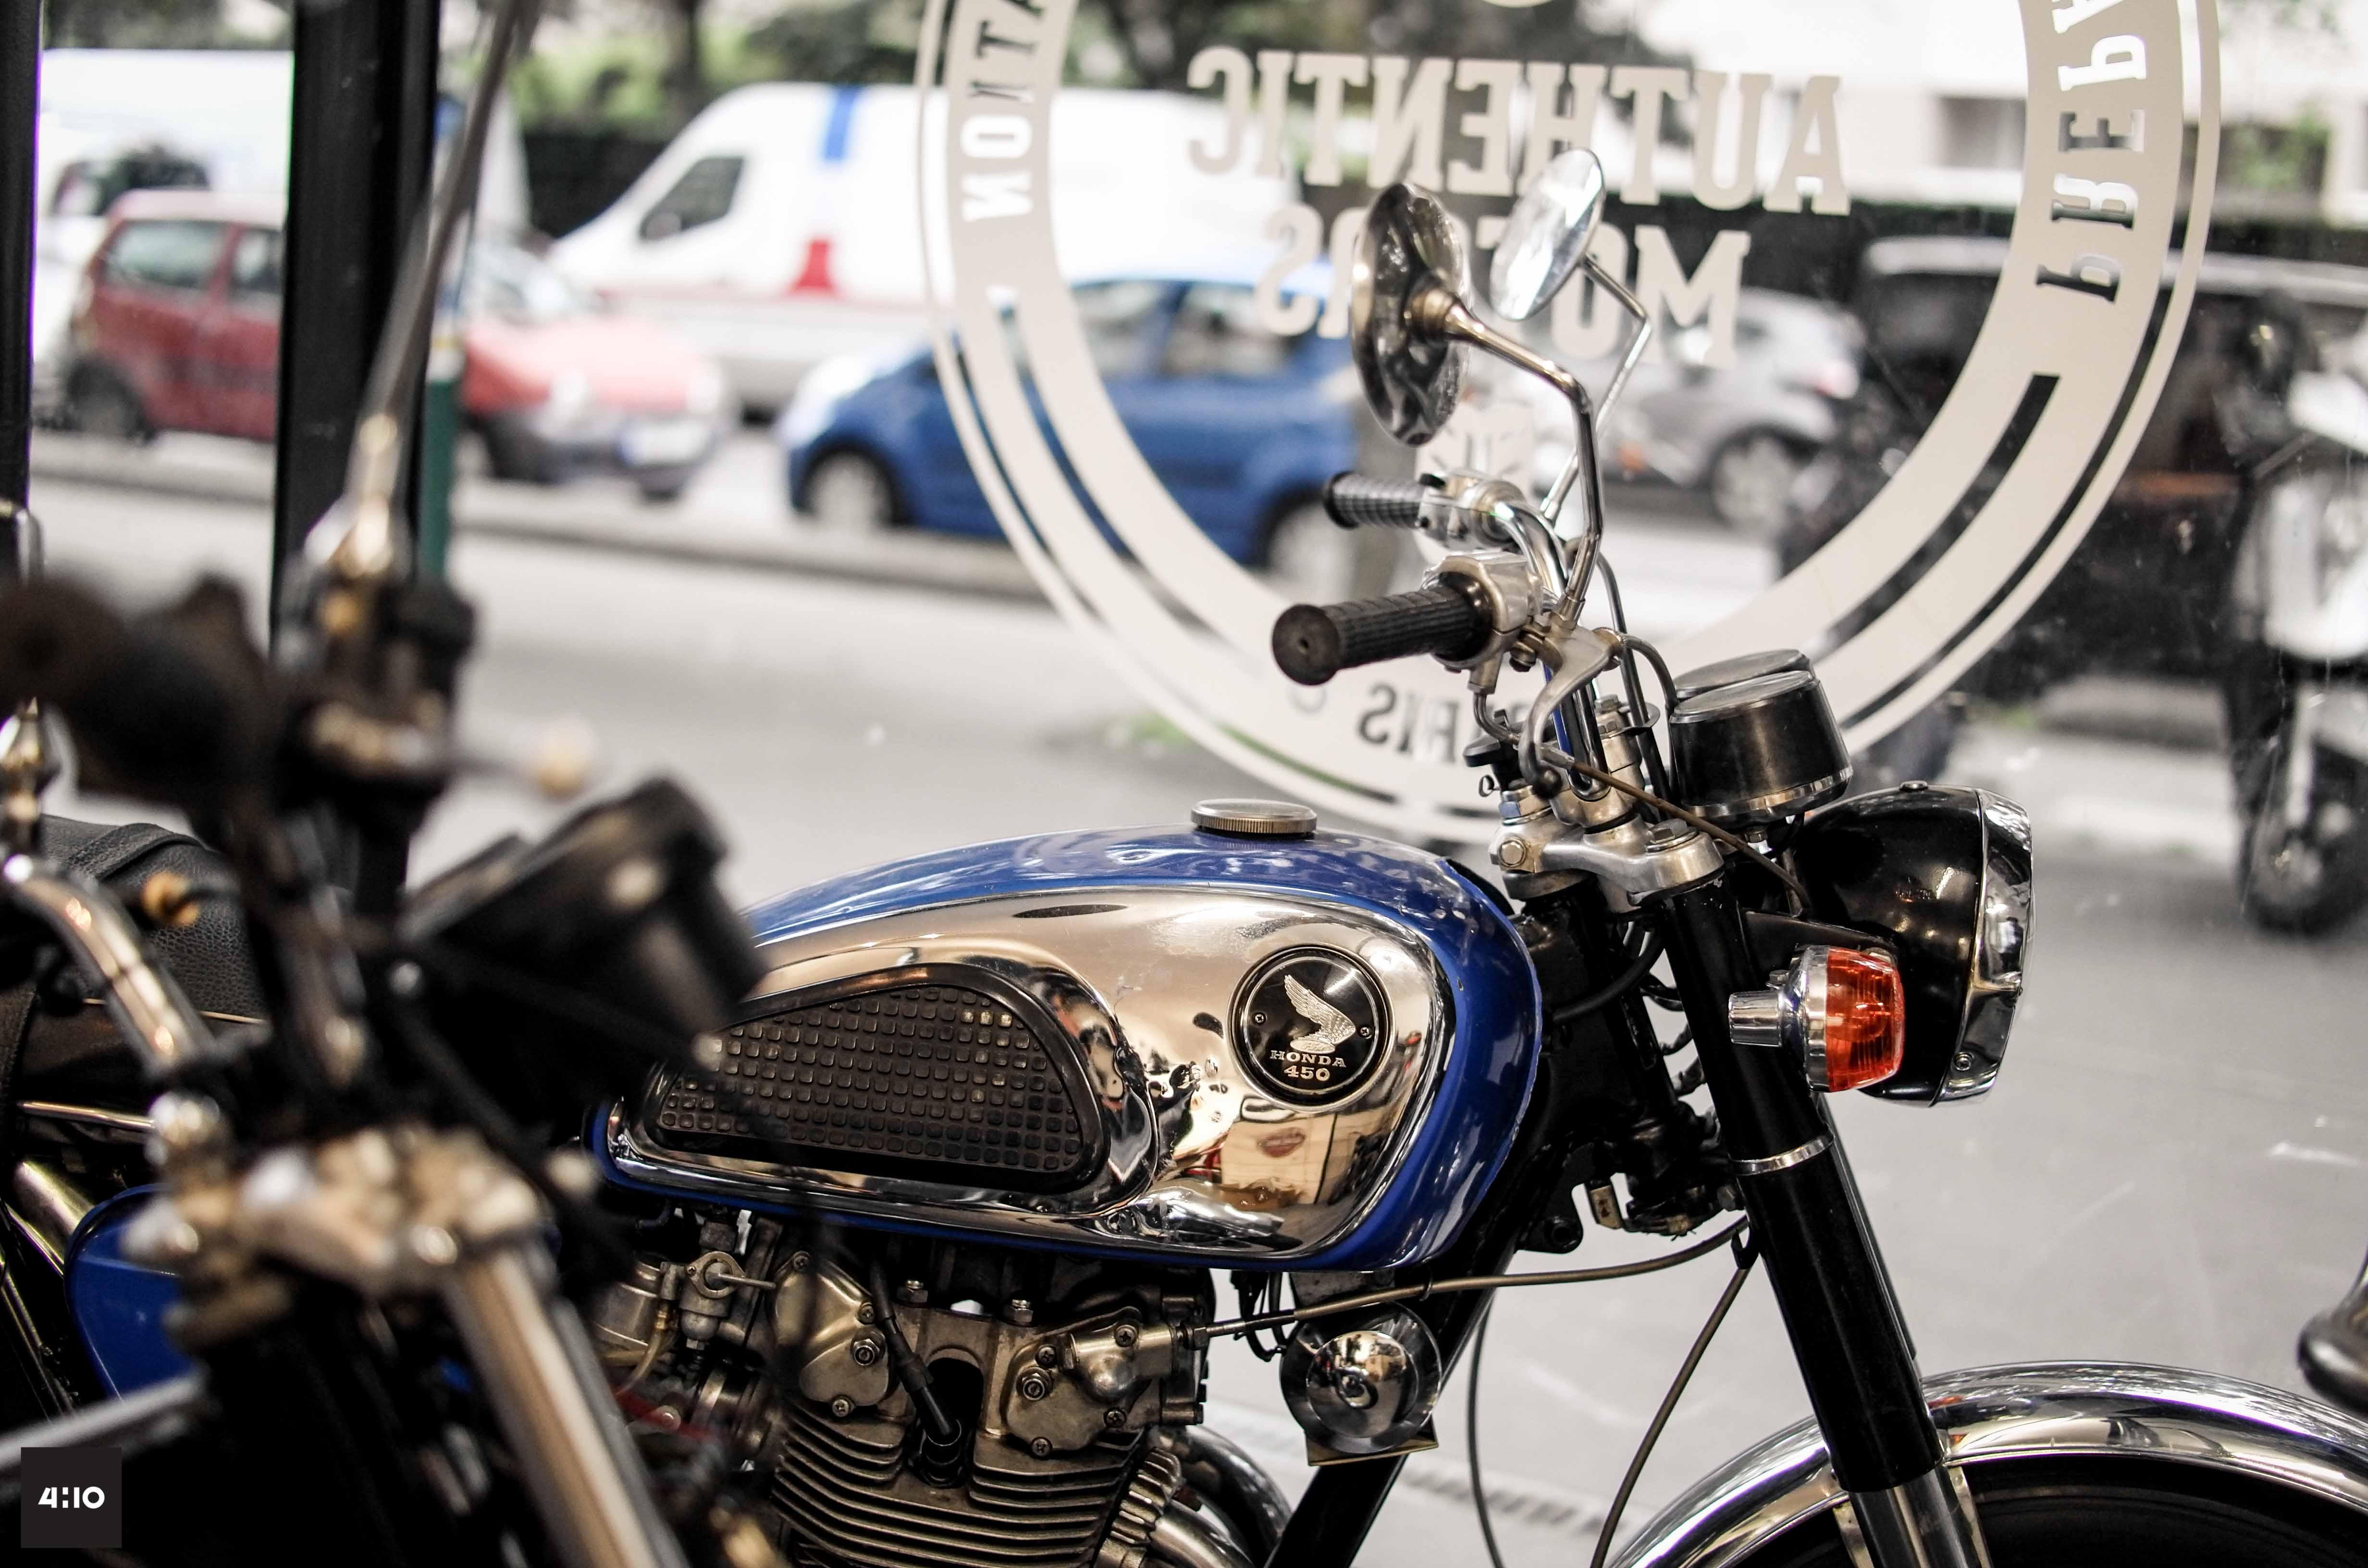 garage cafe racer paris id es d 39 image de moto. Black Bedroom Furniture Sets. Home Design Ideas